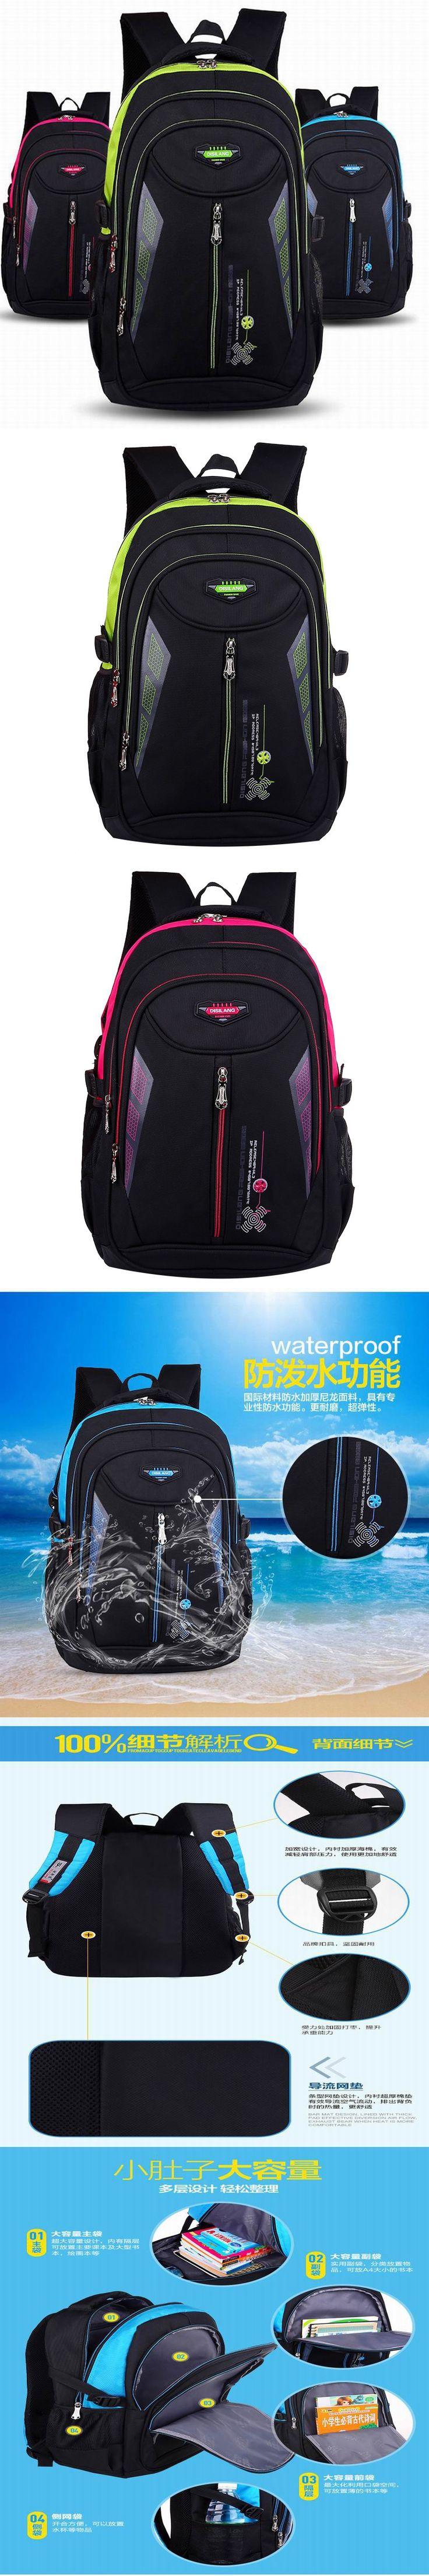 best 25 children s backpacks ideas on pinterest kids backpacks